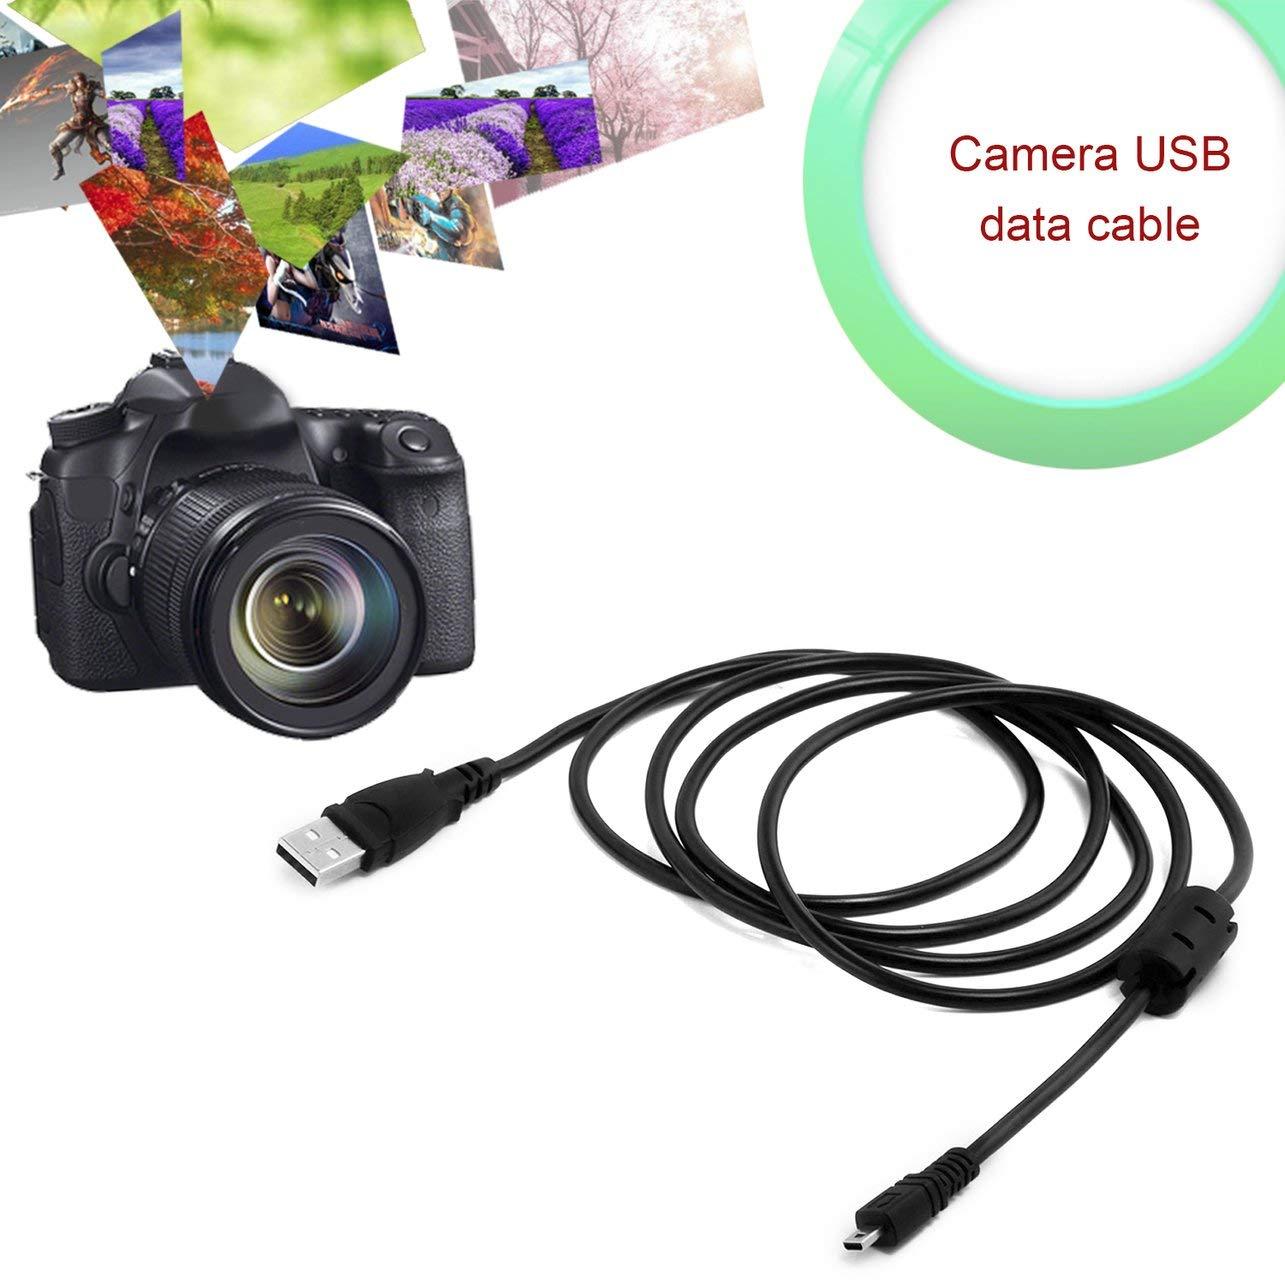 Heaviesk 1.5M 8 Pin Cable USB con Anillo de im/án Accesorios de c/ámara port/átil para Nikon Coolpix L19 L20 L100 S620 UC-E6 E4